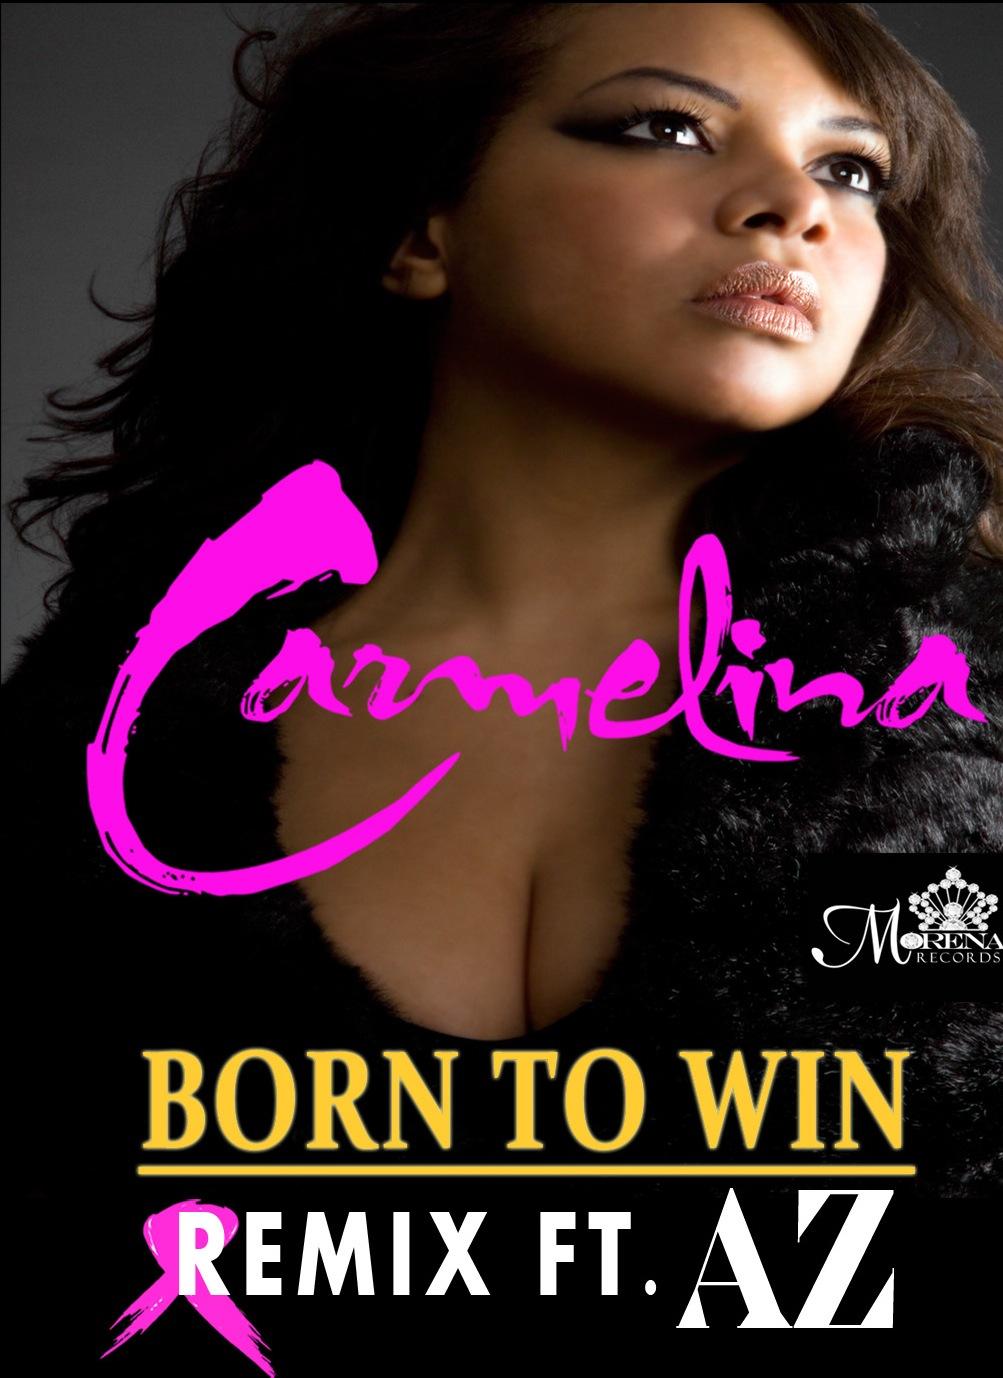 Carmelina - Born To Win (Remix) Feat. AZ